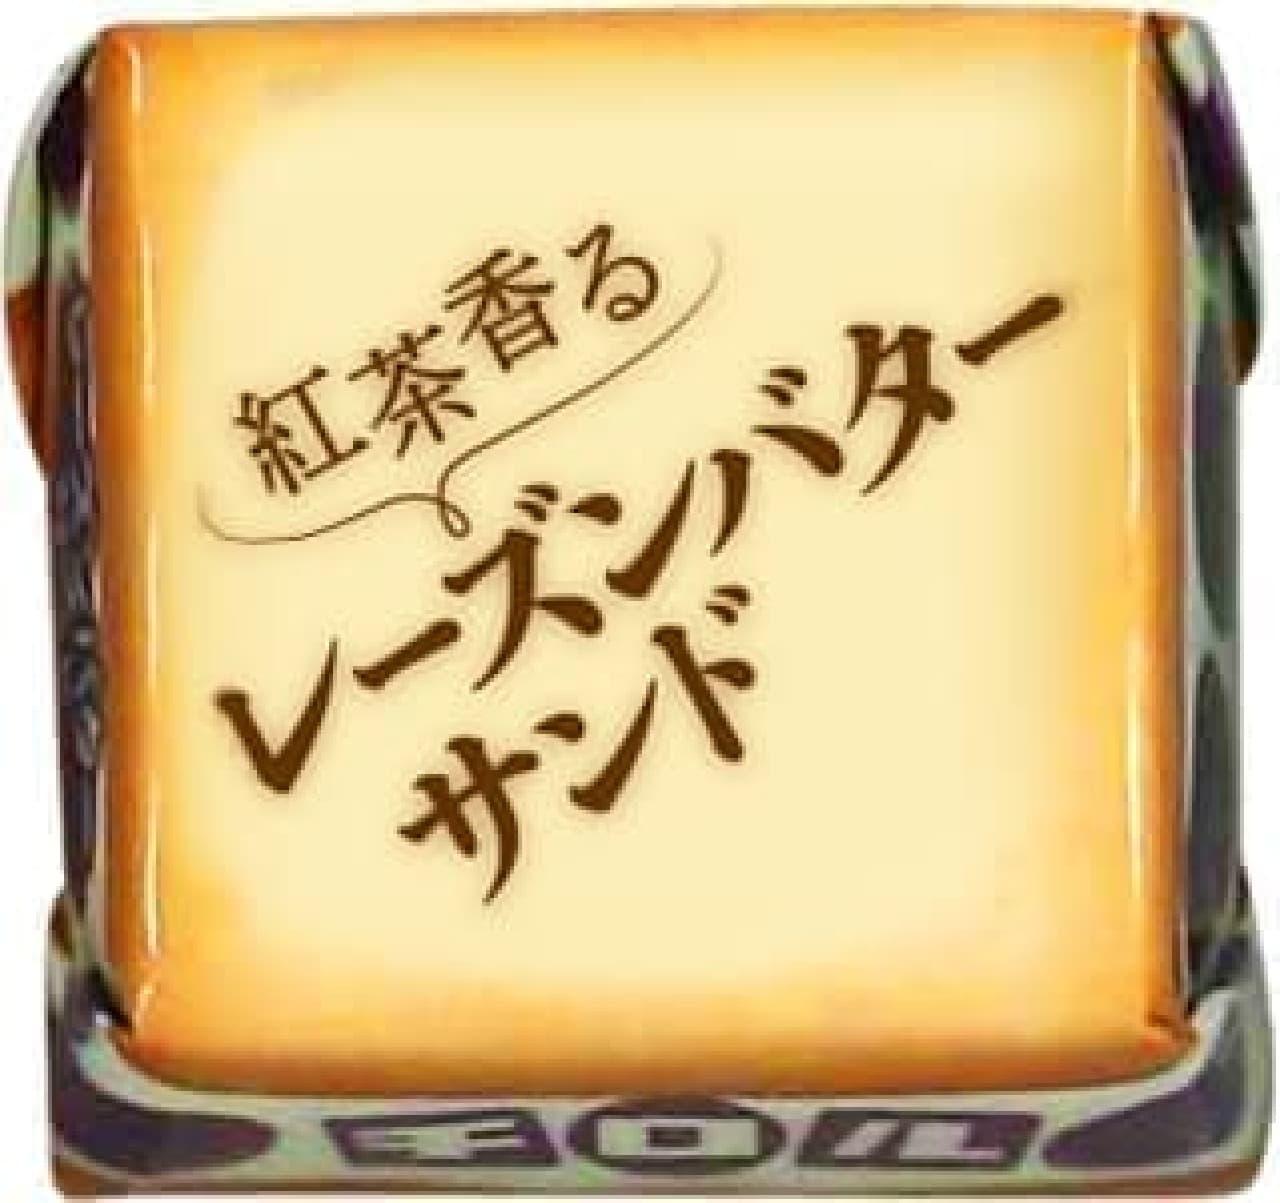 チロルチョコ「紅茶香るレーズンバターサンド」